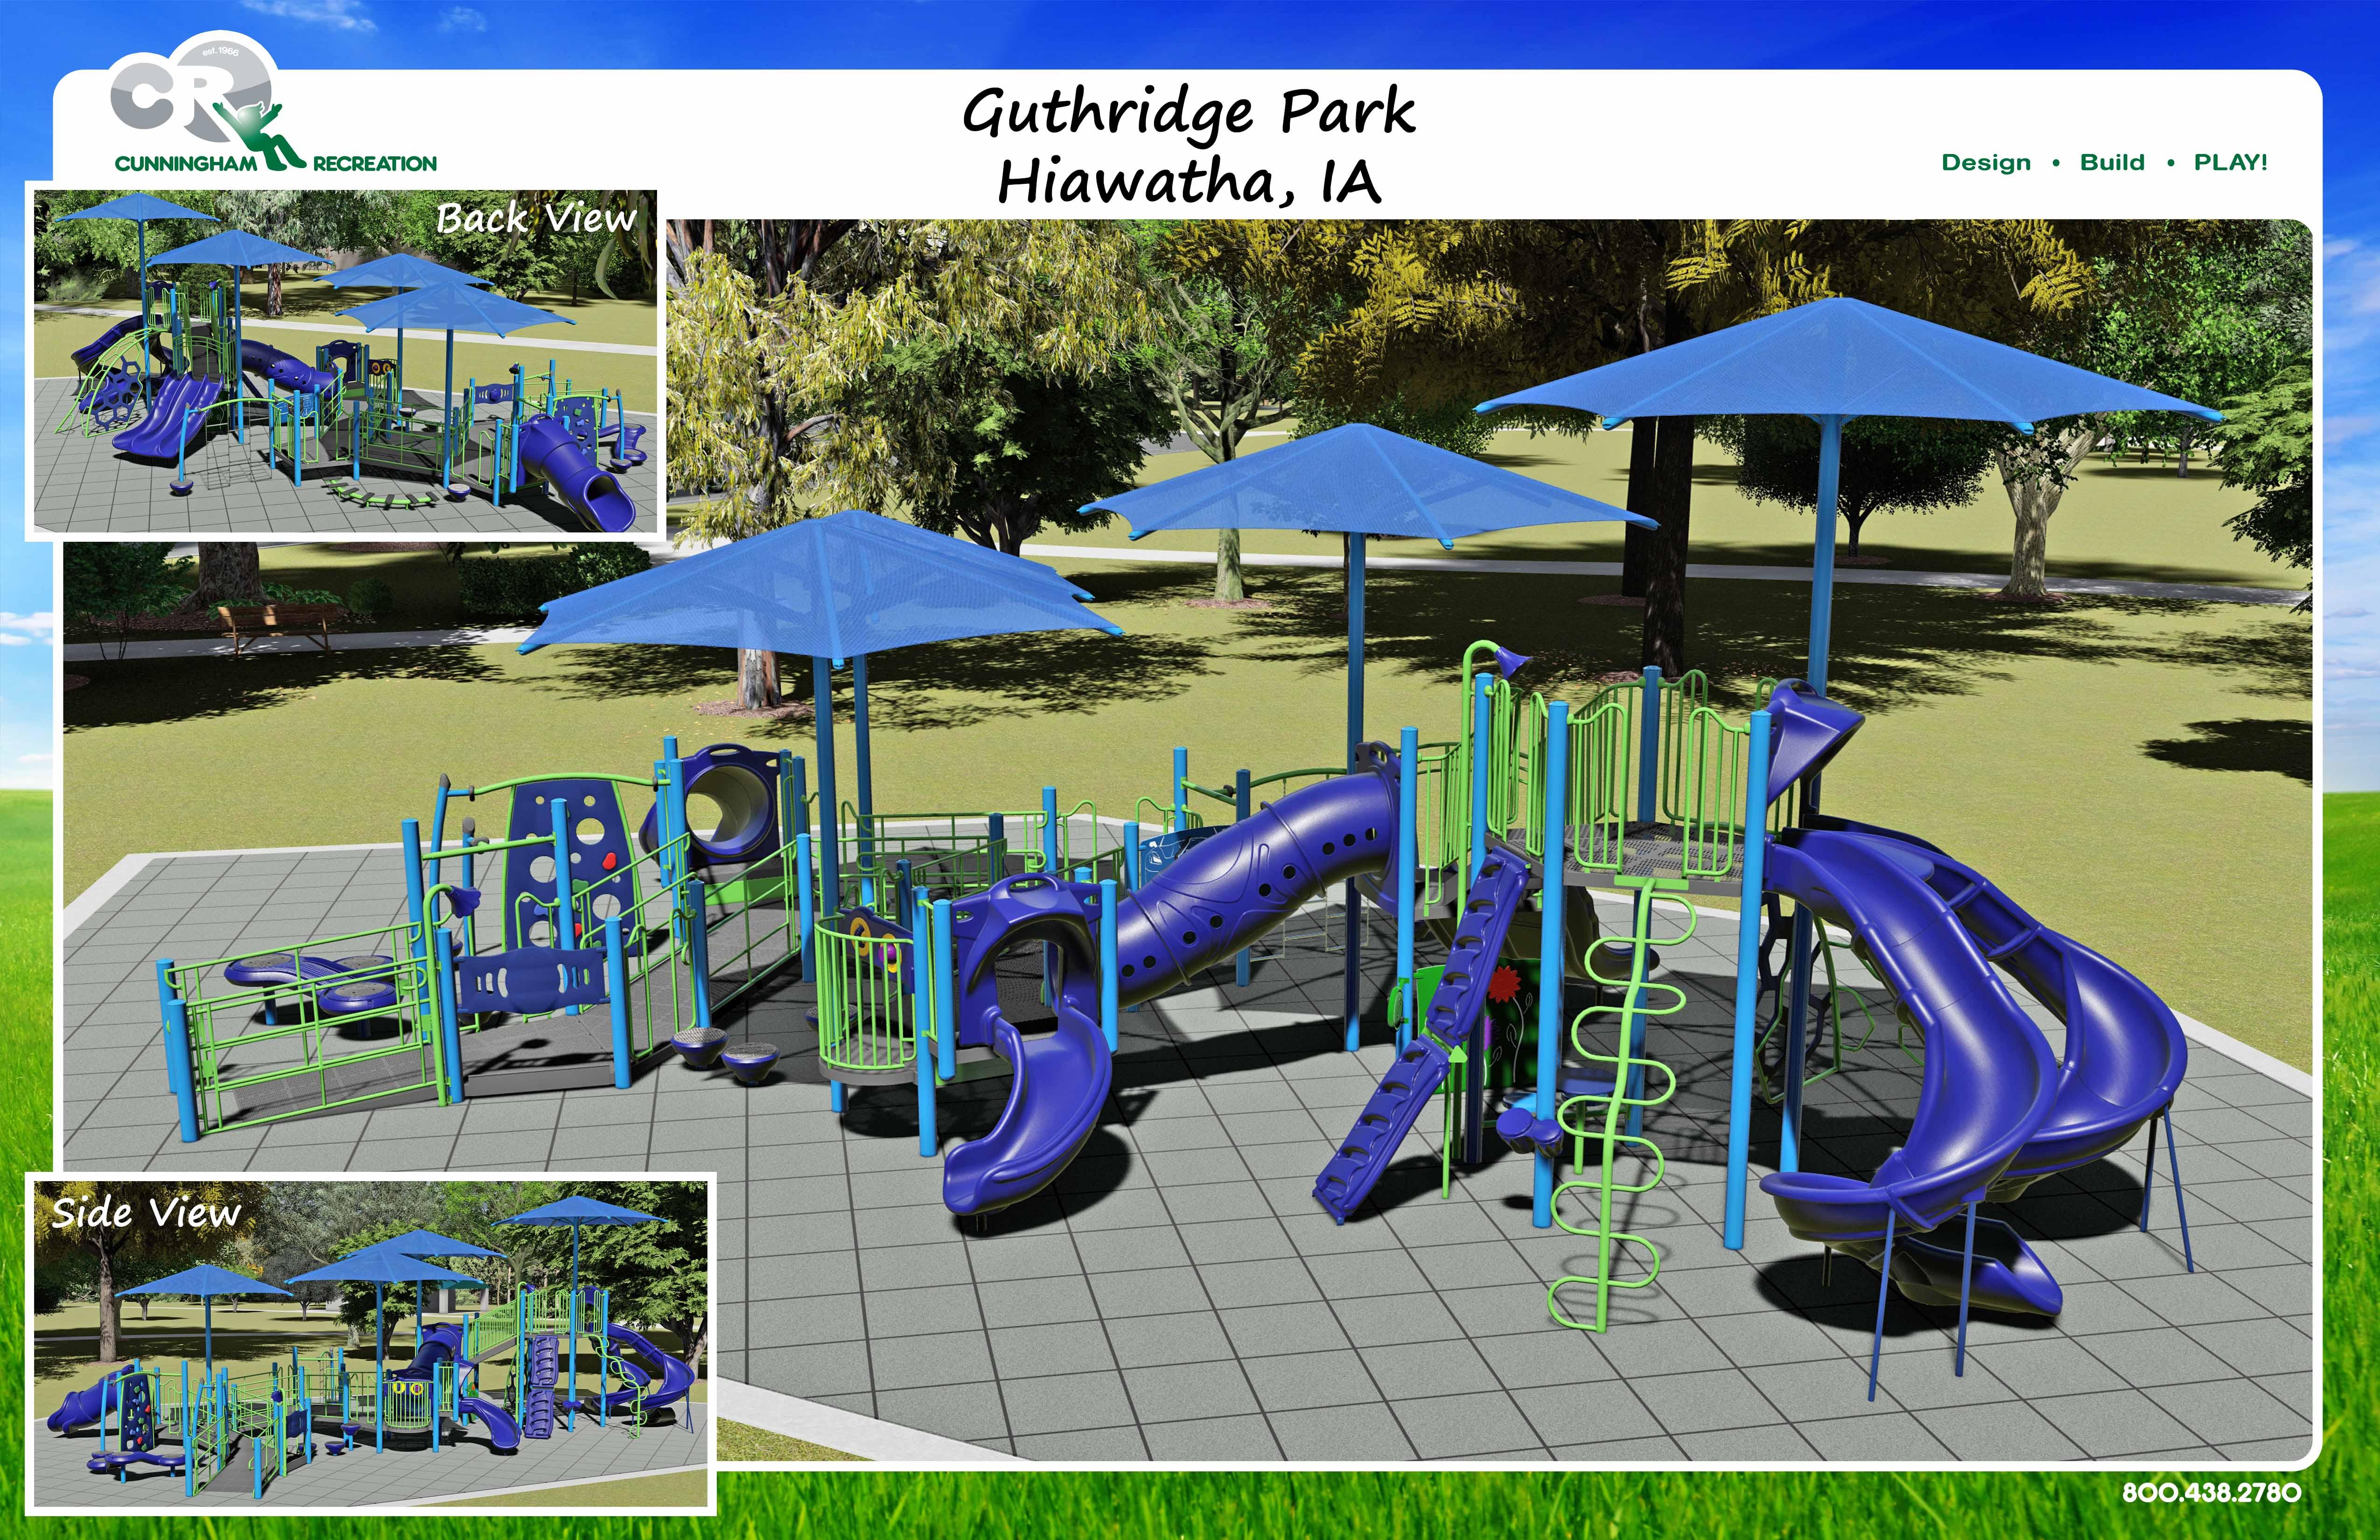 Guthridge_Park_Myraid_Playground_Cunningham_Recreation__002_